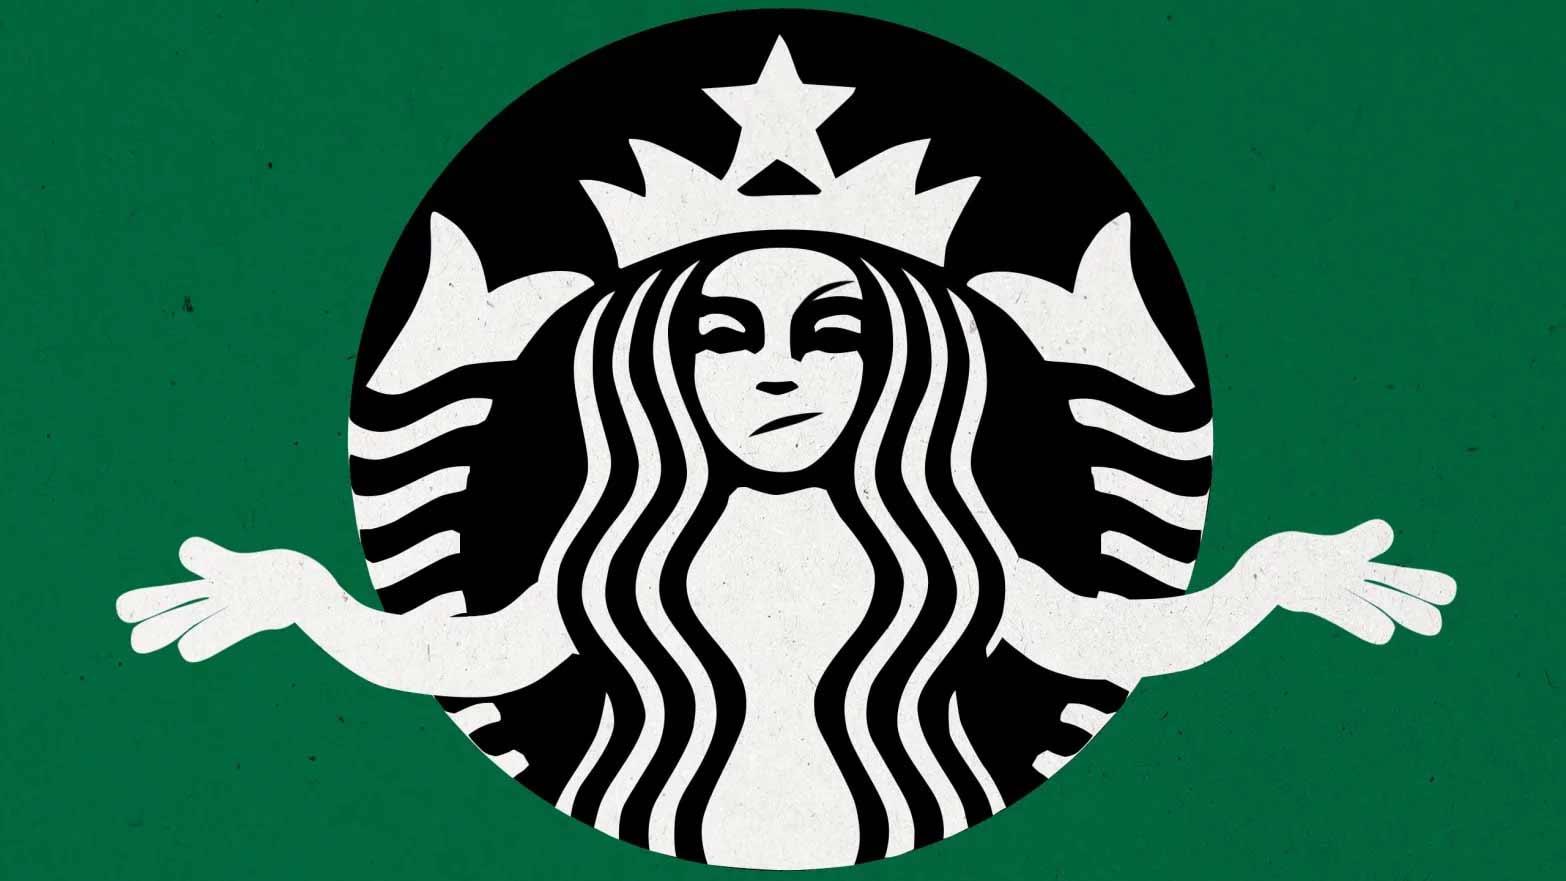 Starbucks despide a barista y Ophelia no está de acuerdo.